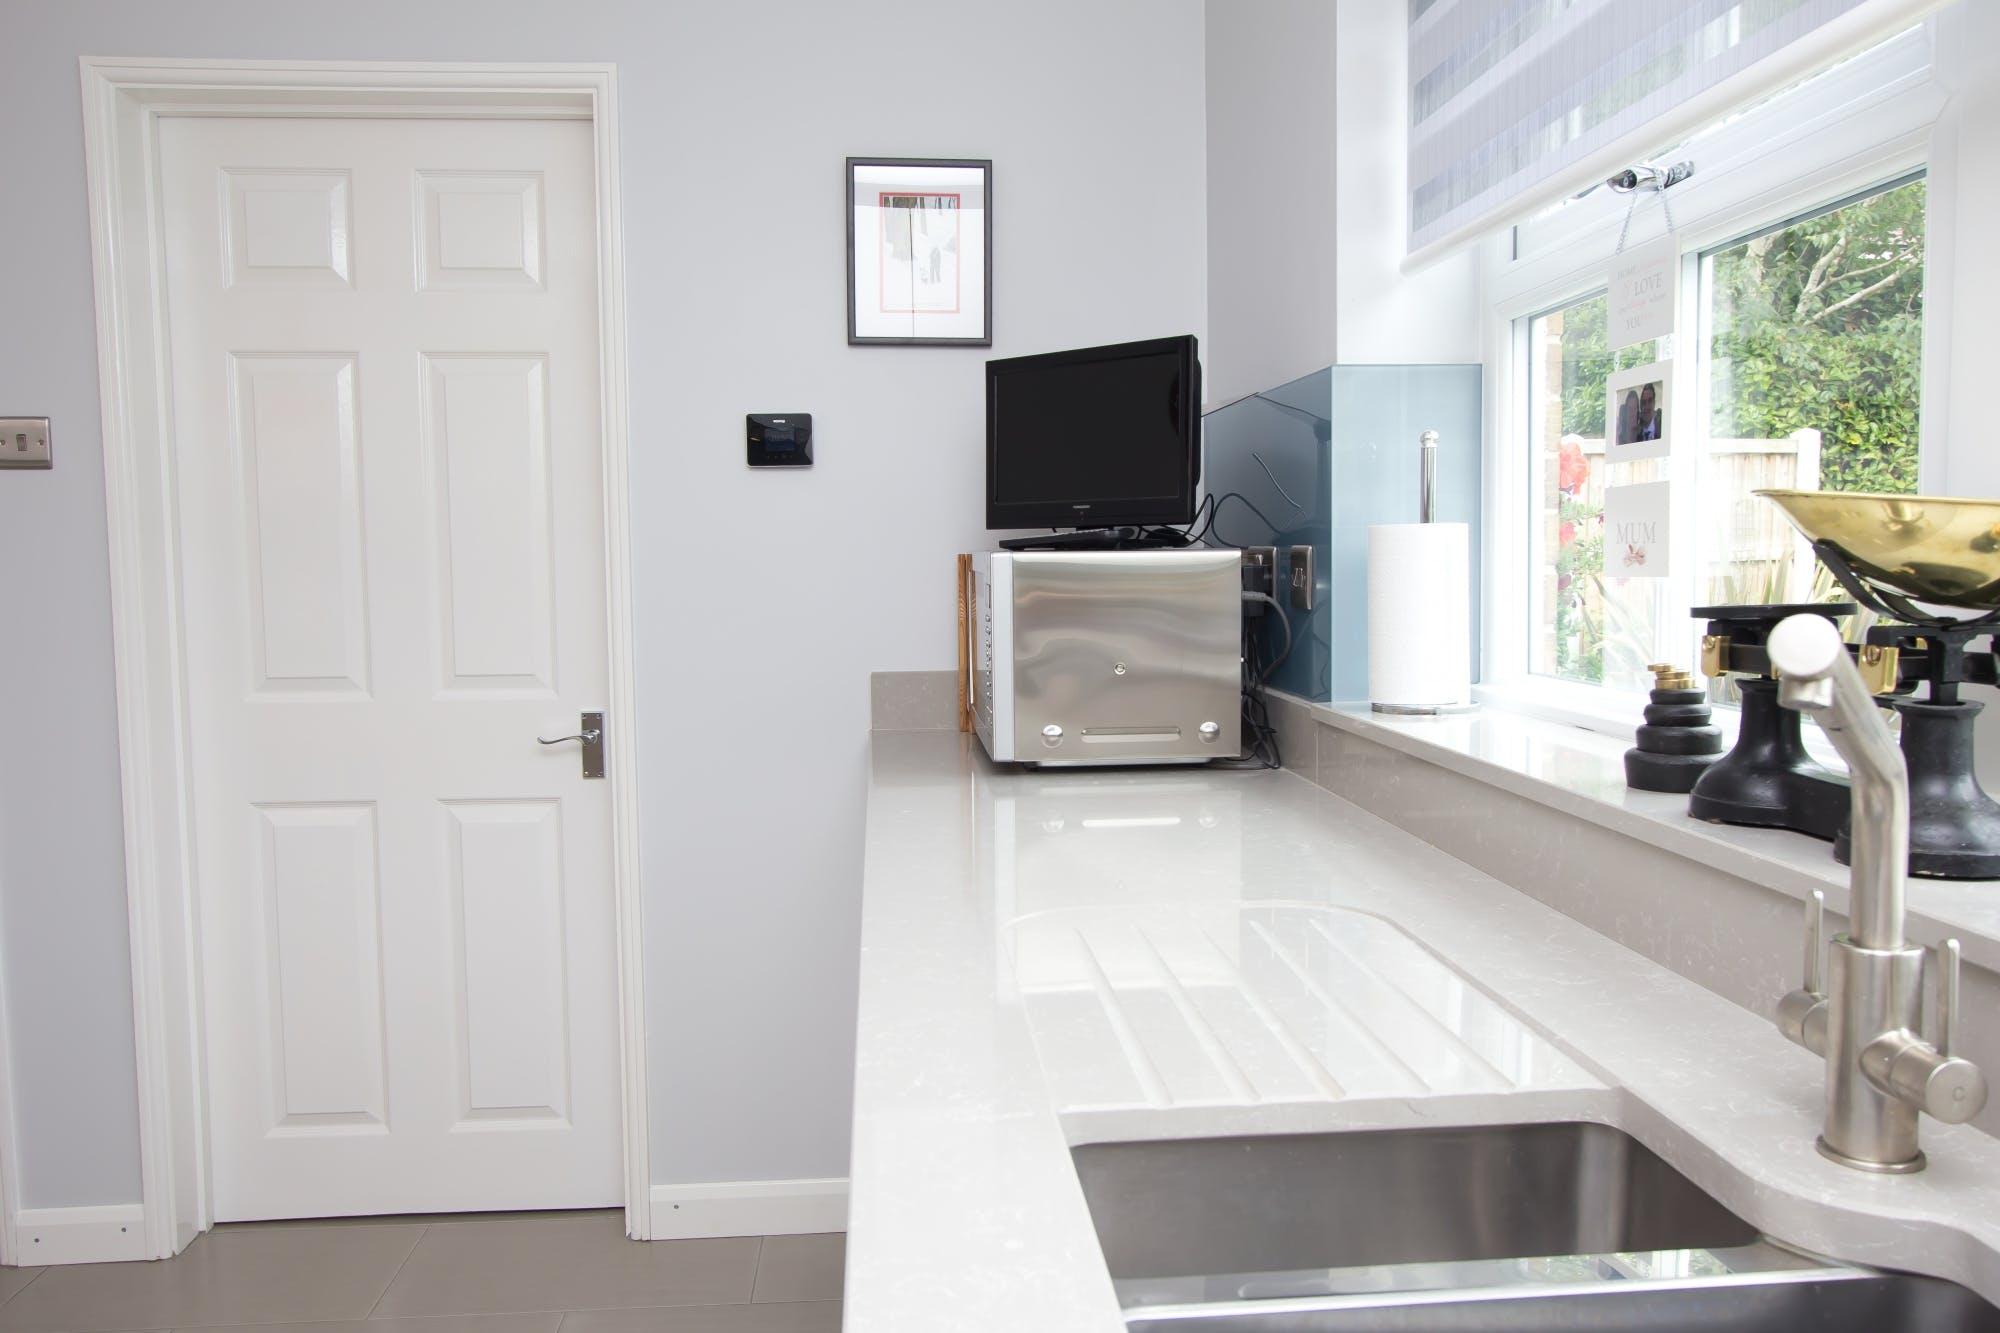 Contemporary Kitchen in Huddersfield by Twenty 5 Design